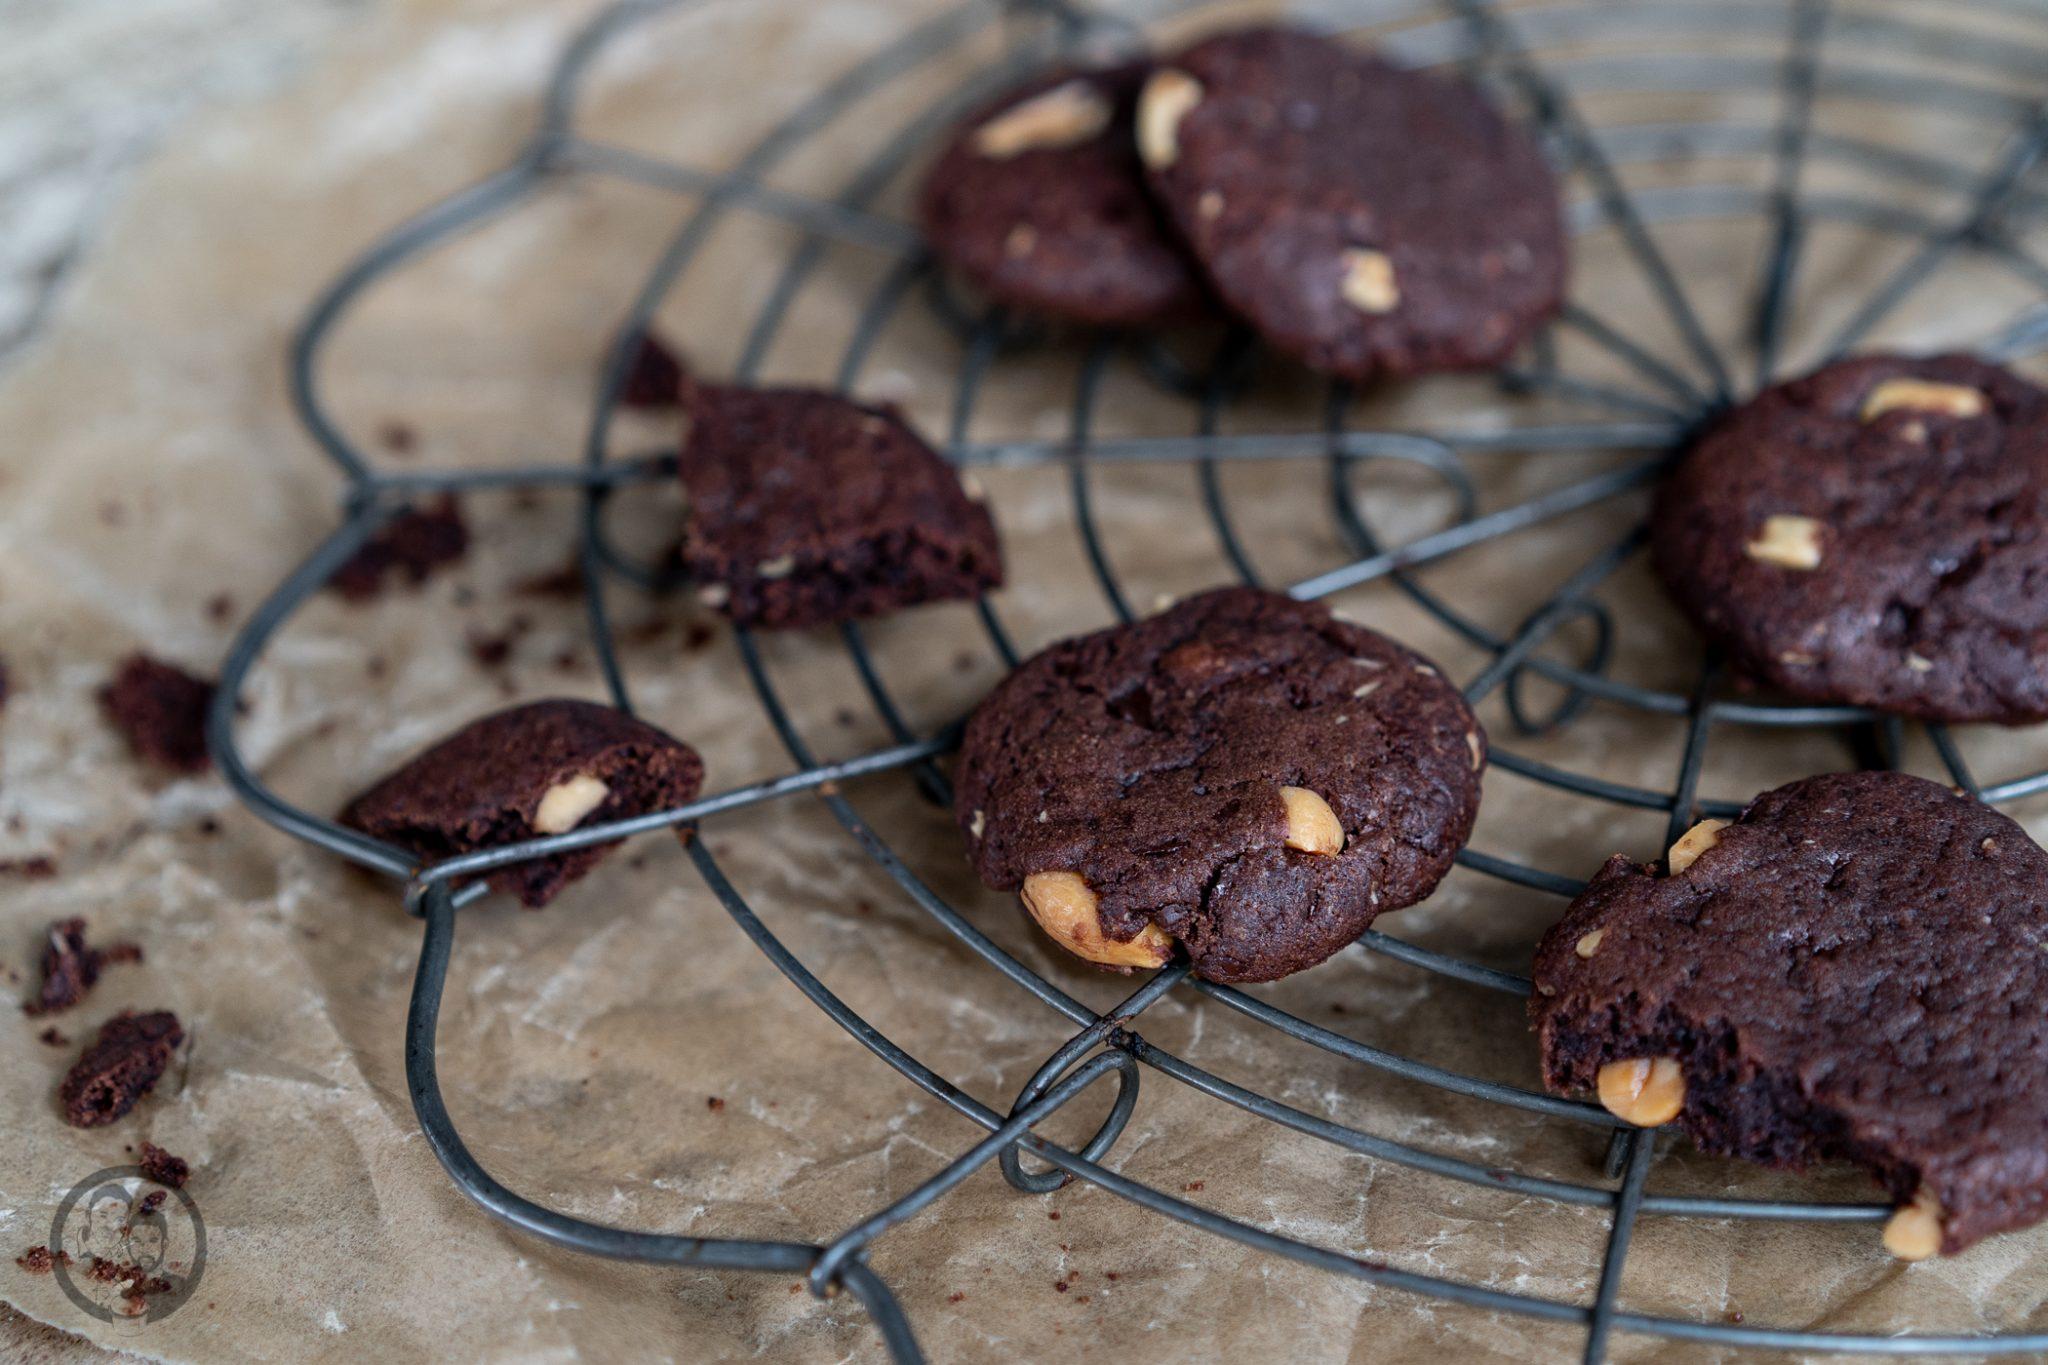 Schoko Erdnuss Cookies 9 | Man könnte mich auch gut und gerne Krümelmonster nennen! Ich liebe Cookies über alles. Gebäck, das sich so einfach und wunderbar variieren lässt, ist so oder so schon ein echter Gewinn. Bei uns müssen Cookies auf jeden Fall so richtig schön weich und saftig sein - wie ihr das ohne Probleme auch hinbekommt erfahrt ihr jetzt.